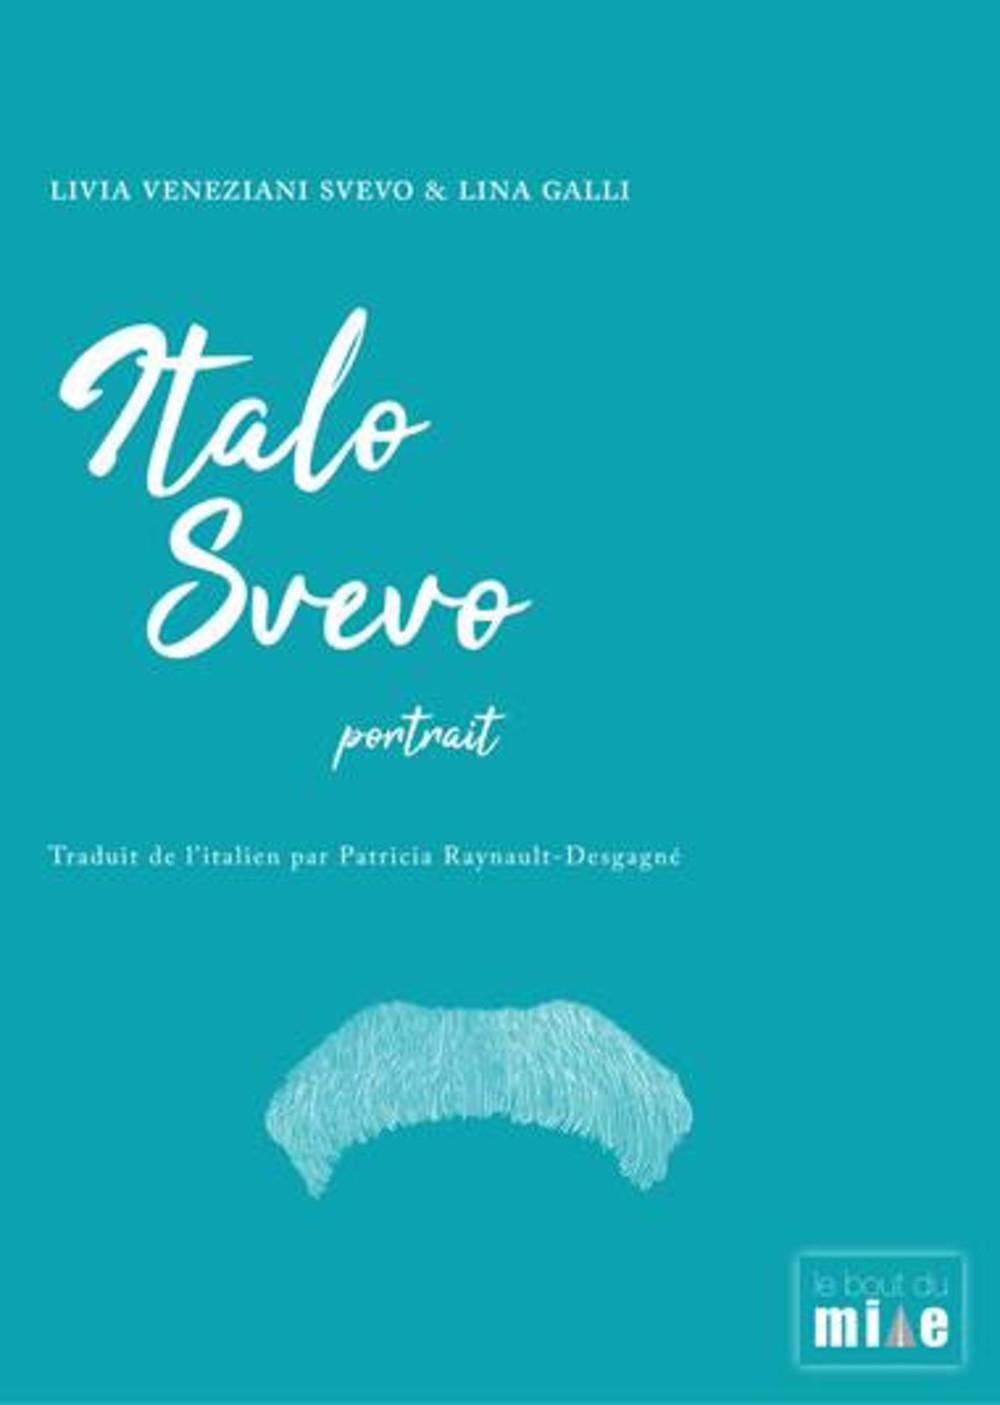 L. V. Svevo, Italo Svevo, portrait